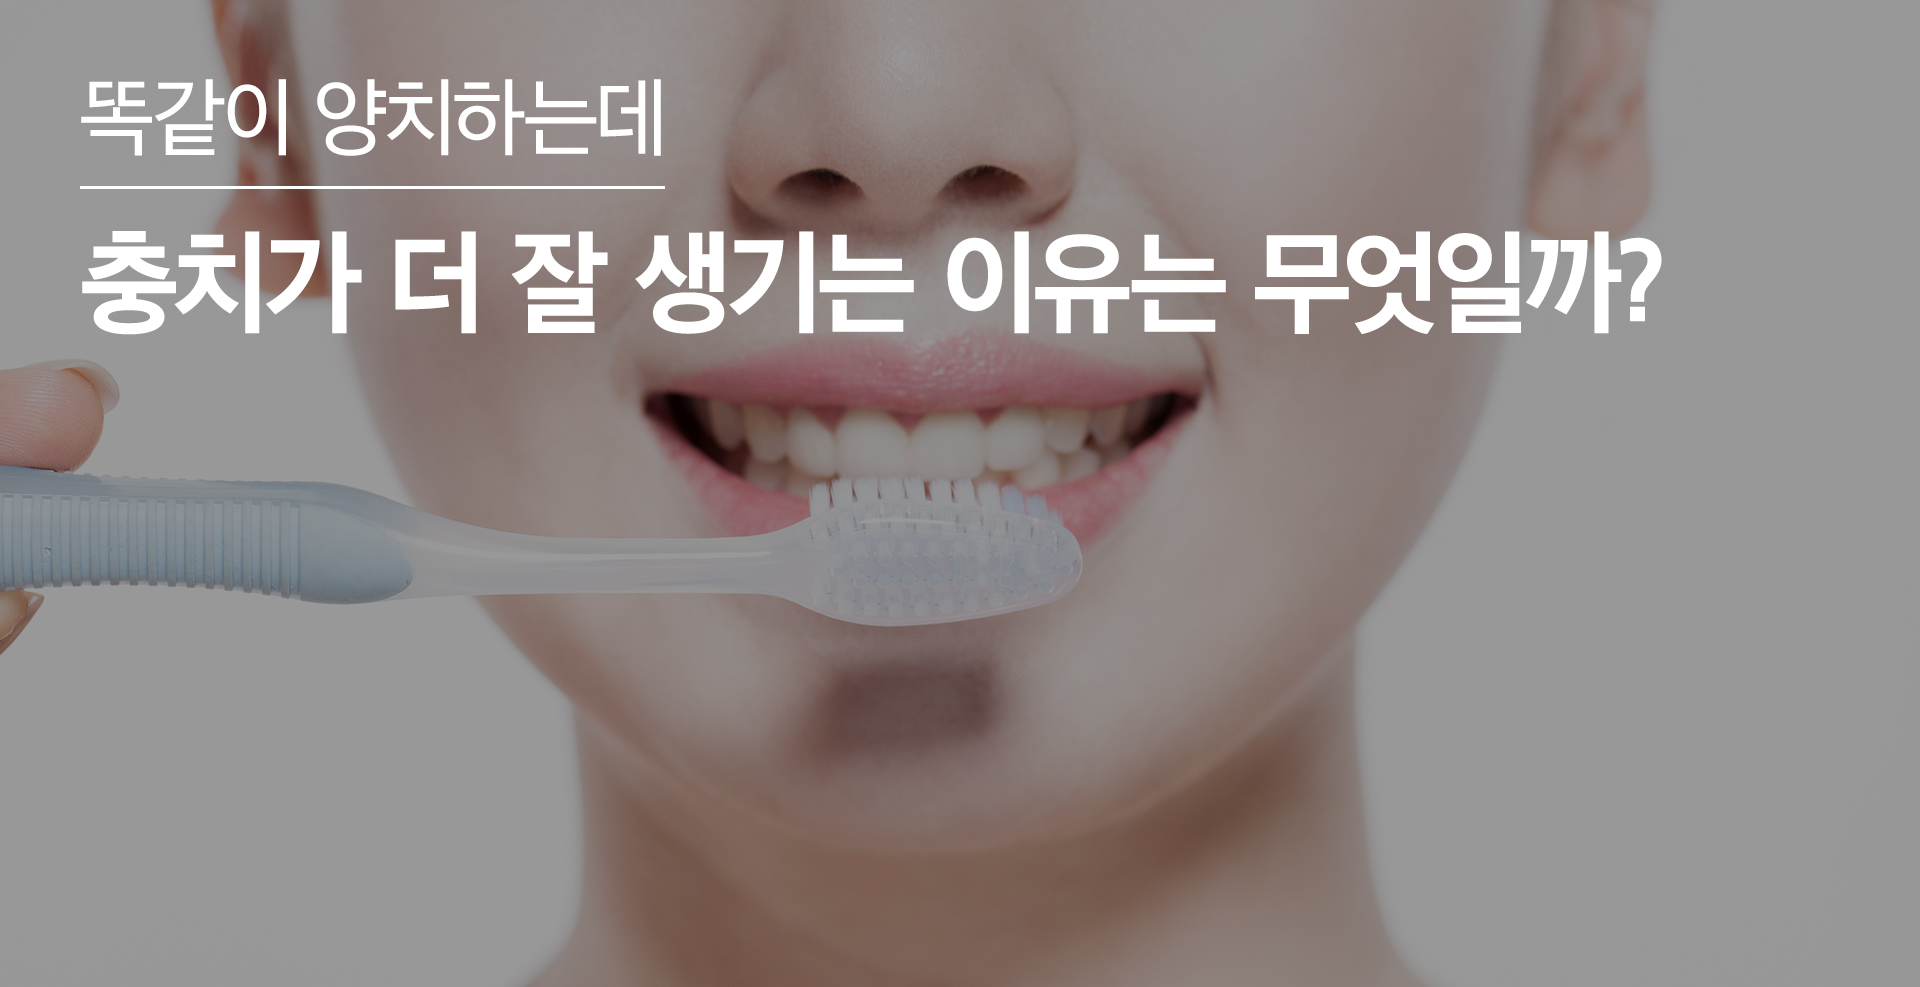 올바른 치아 관리